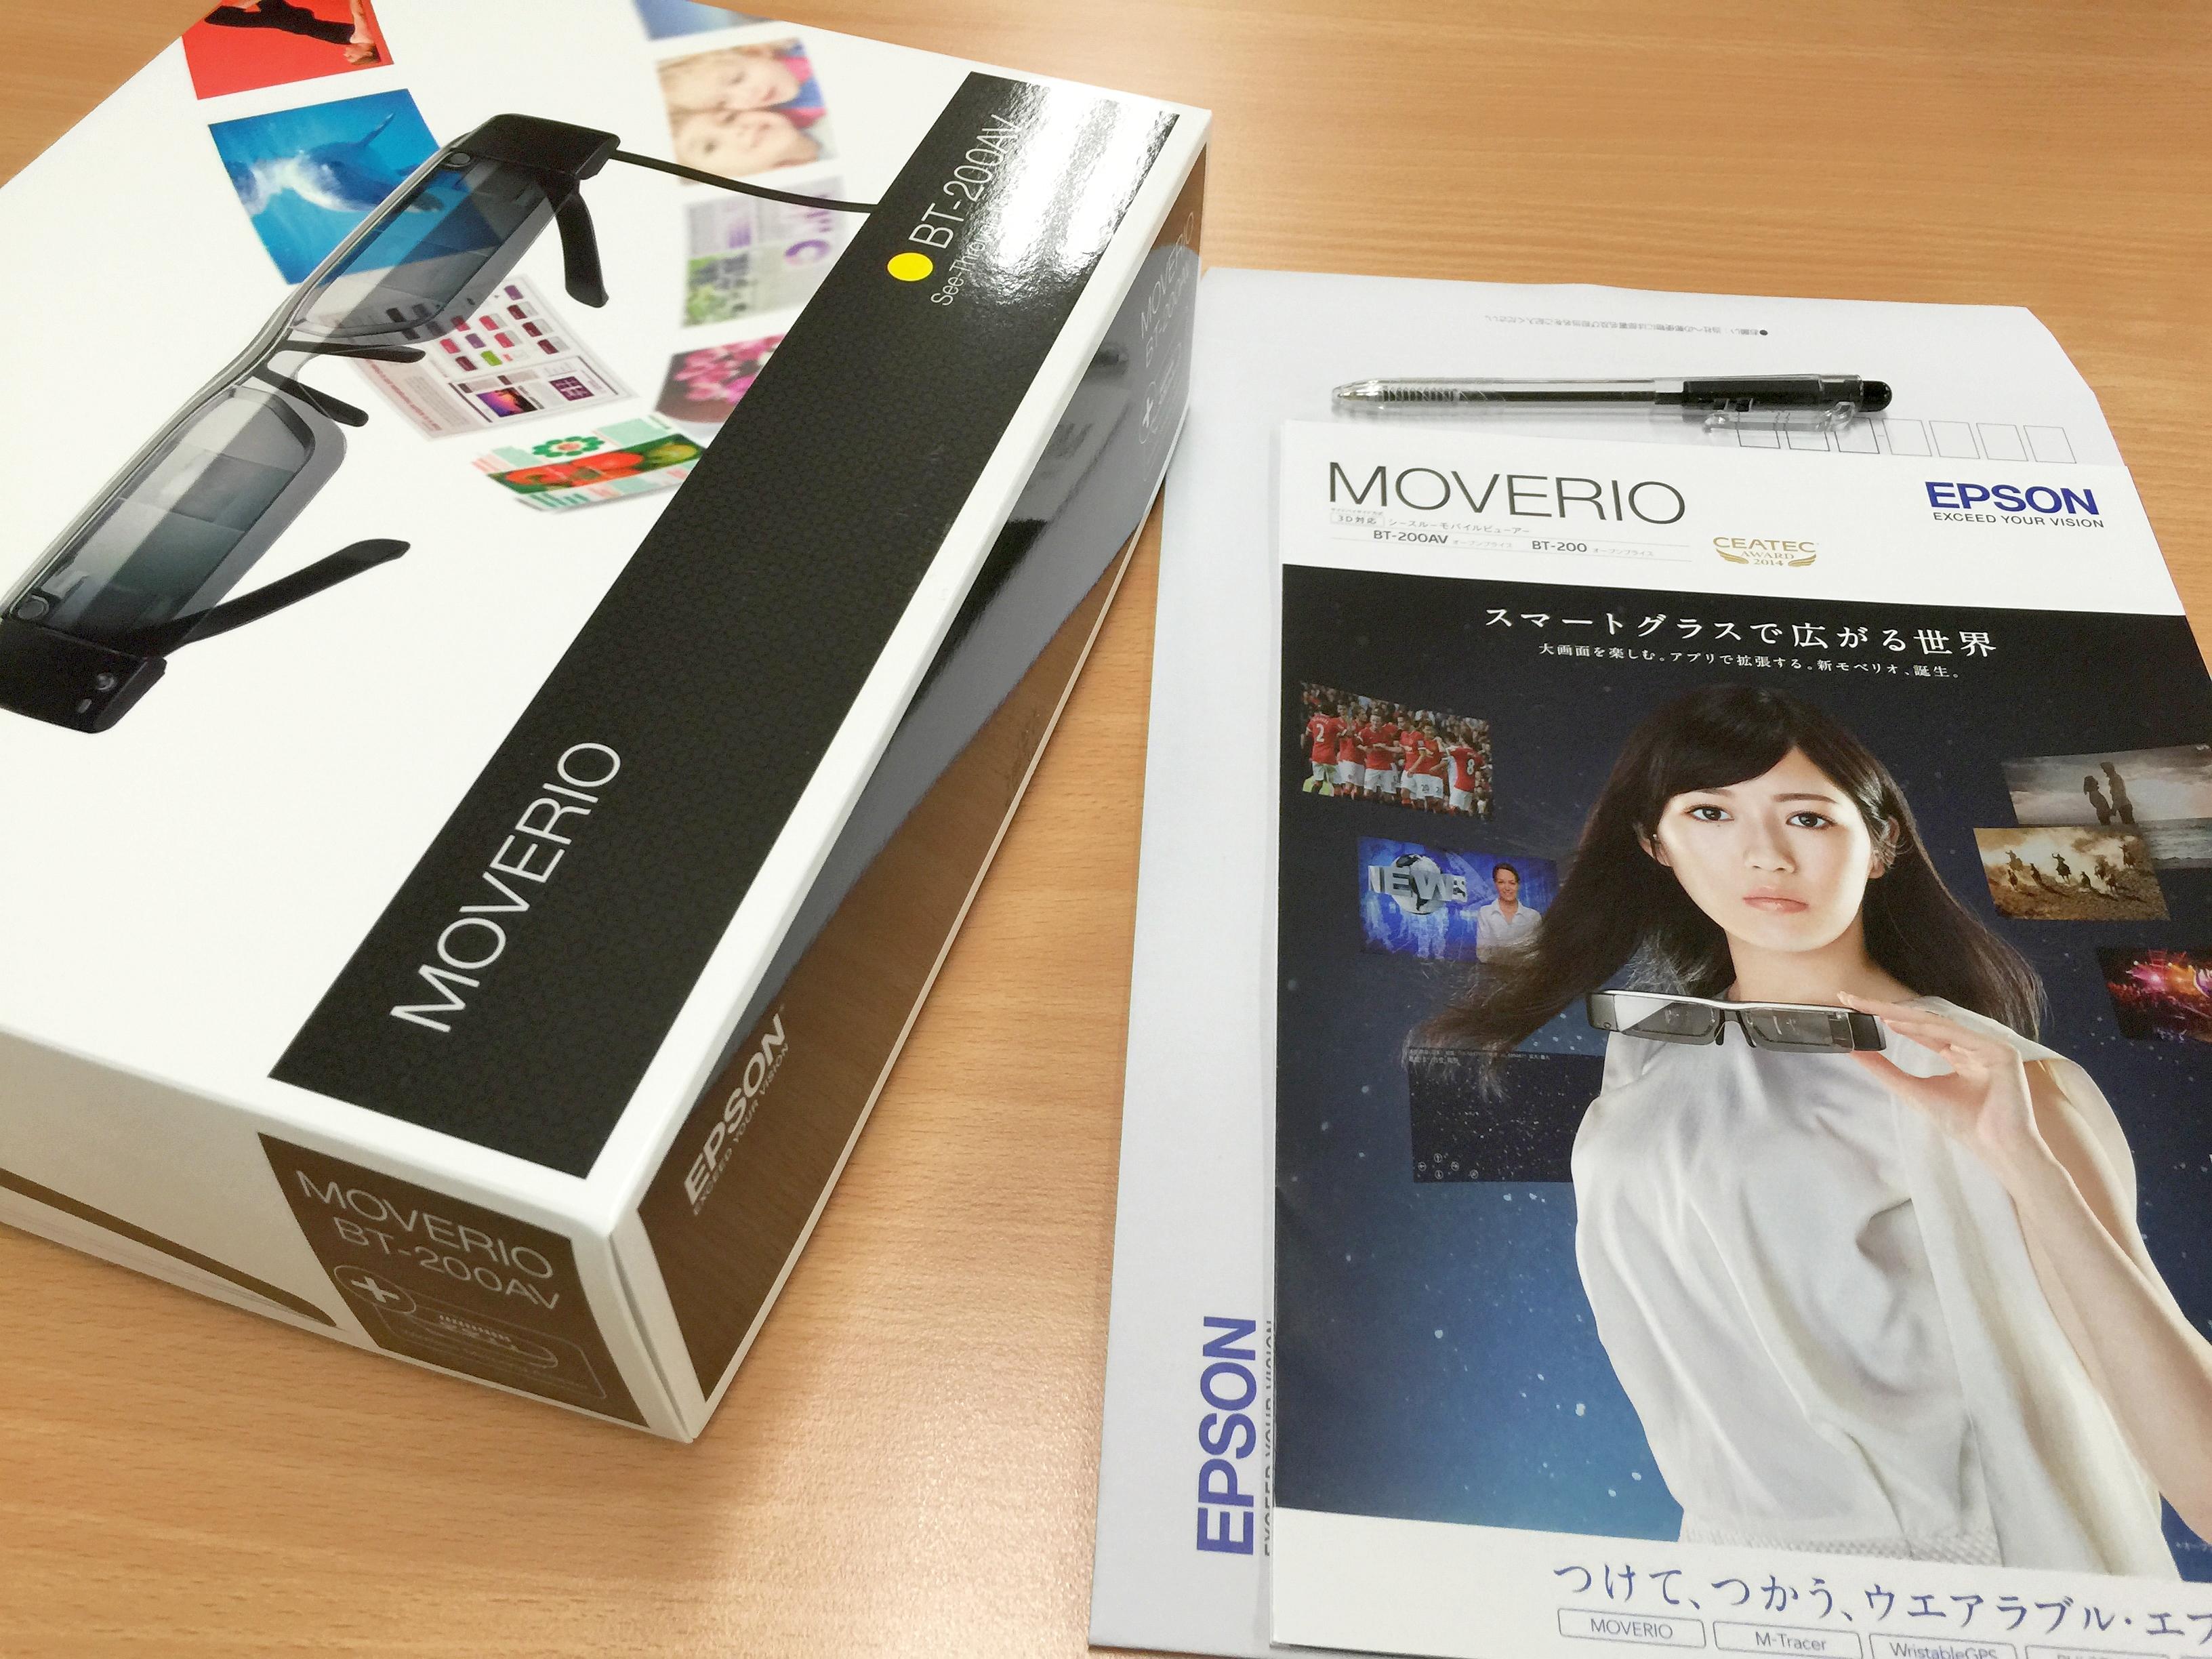 EPSONのスマートグラス『MOVERIO』を1ヶ月使ってみて